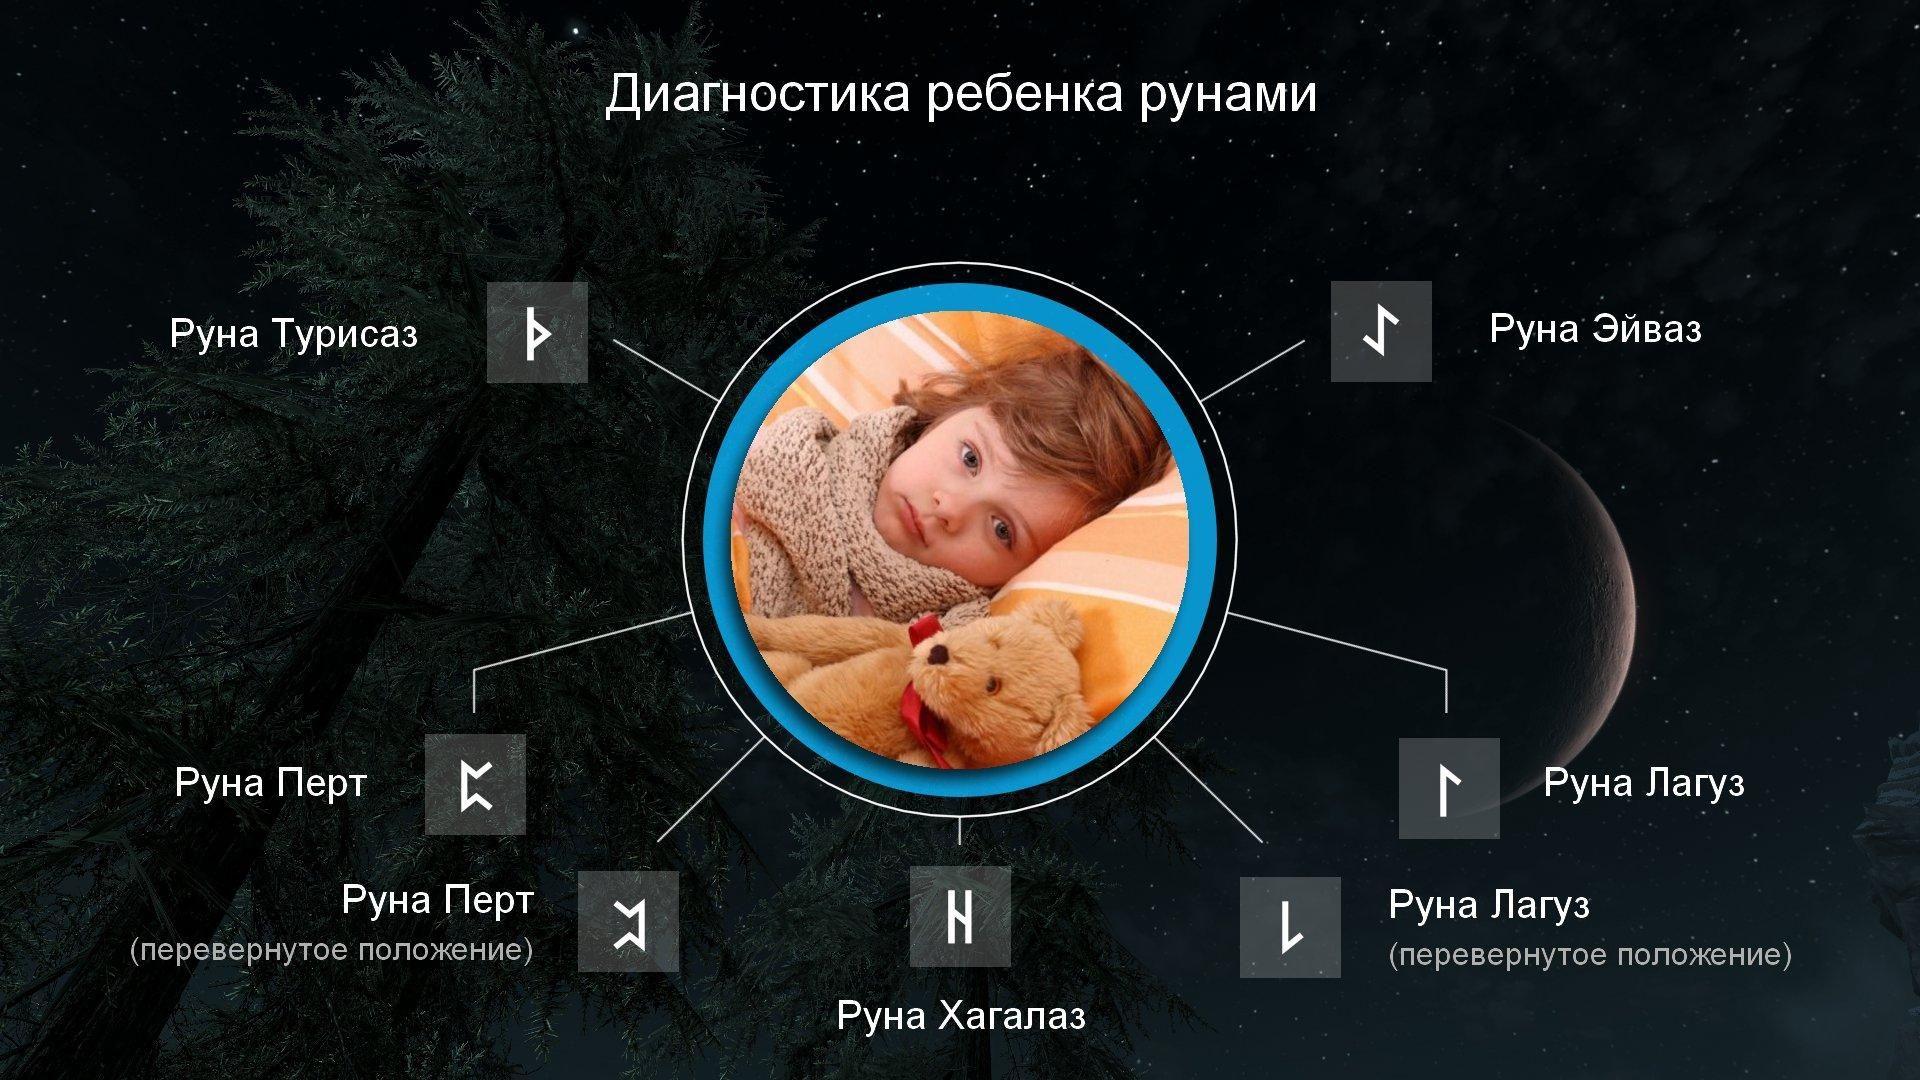 Дигностика ребенка рунами